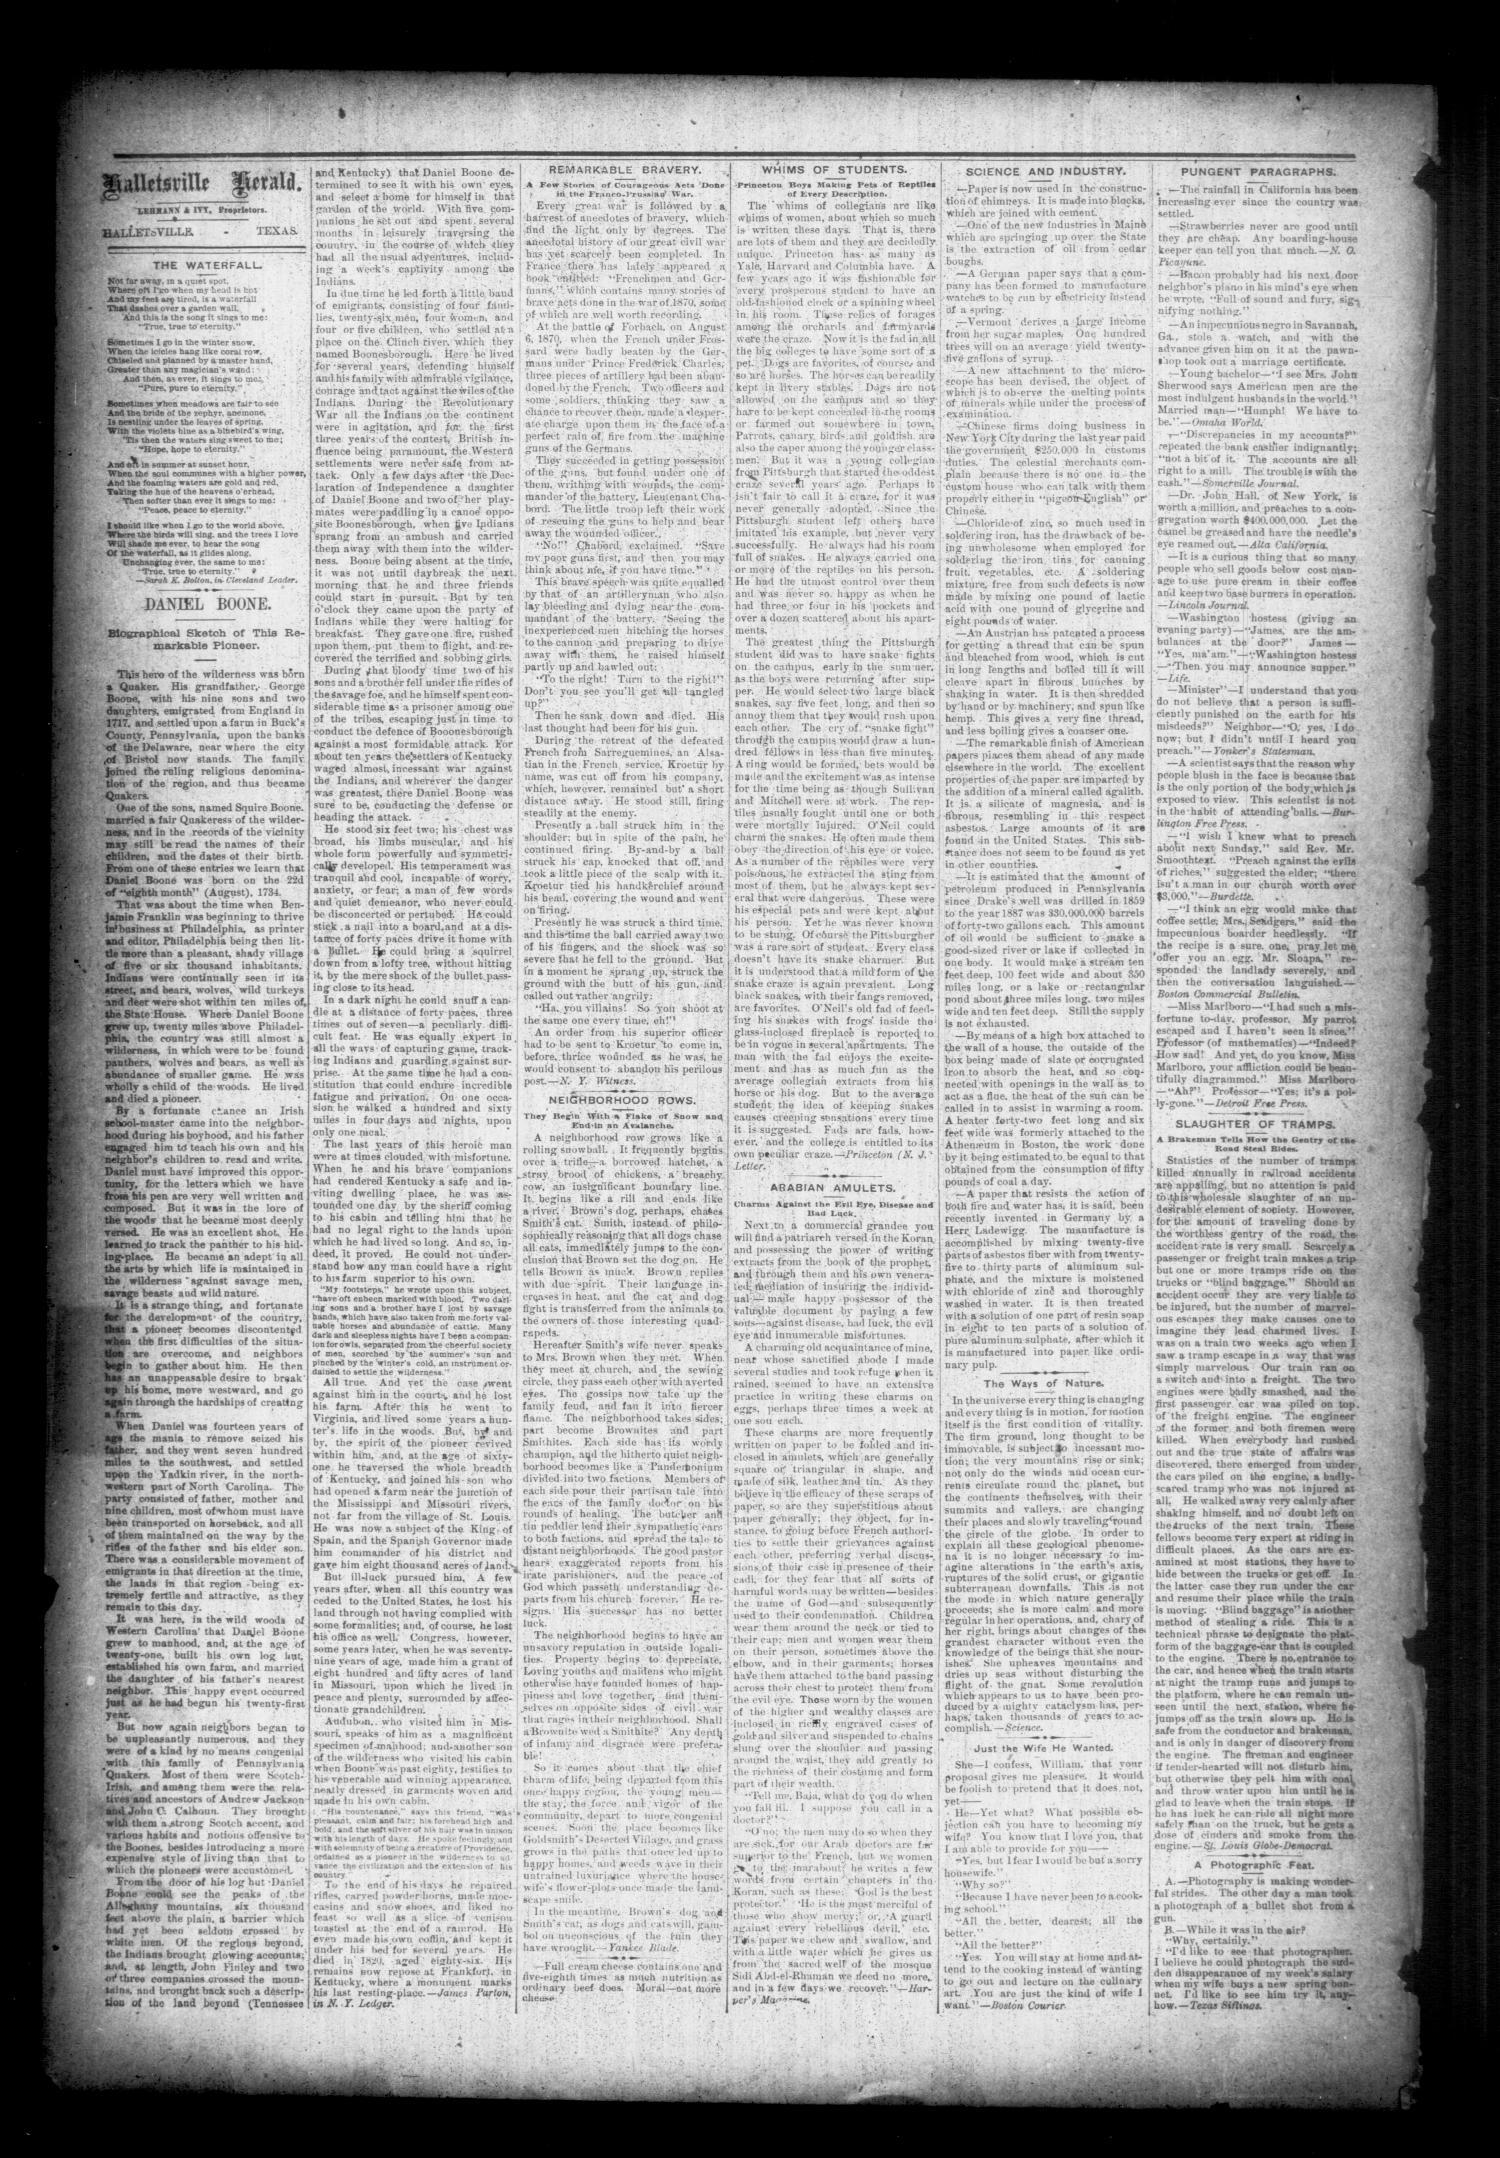 Halletsville Herald  (Hallettsville, Tex ), Vol  17, No  39